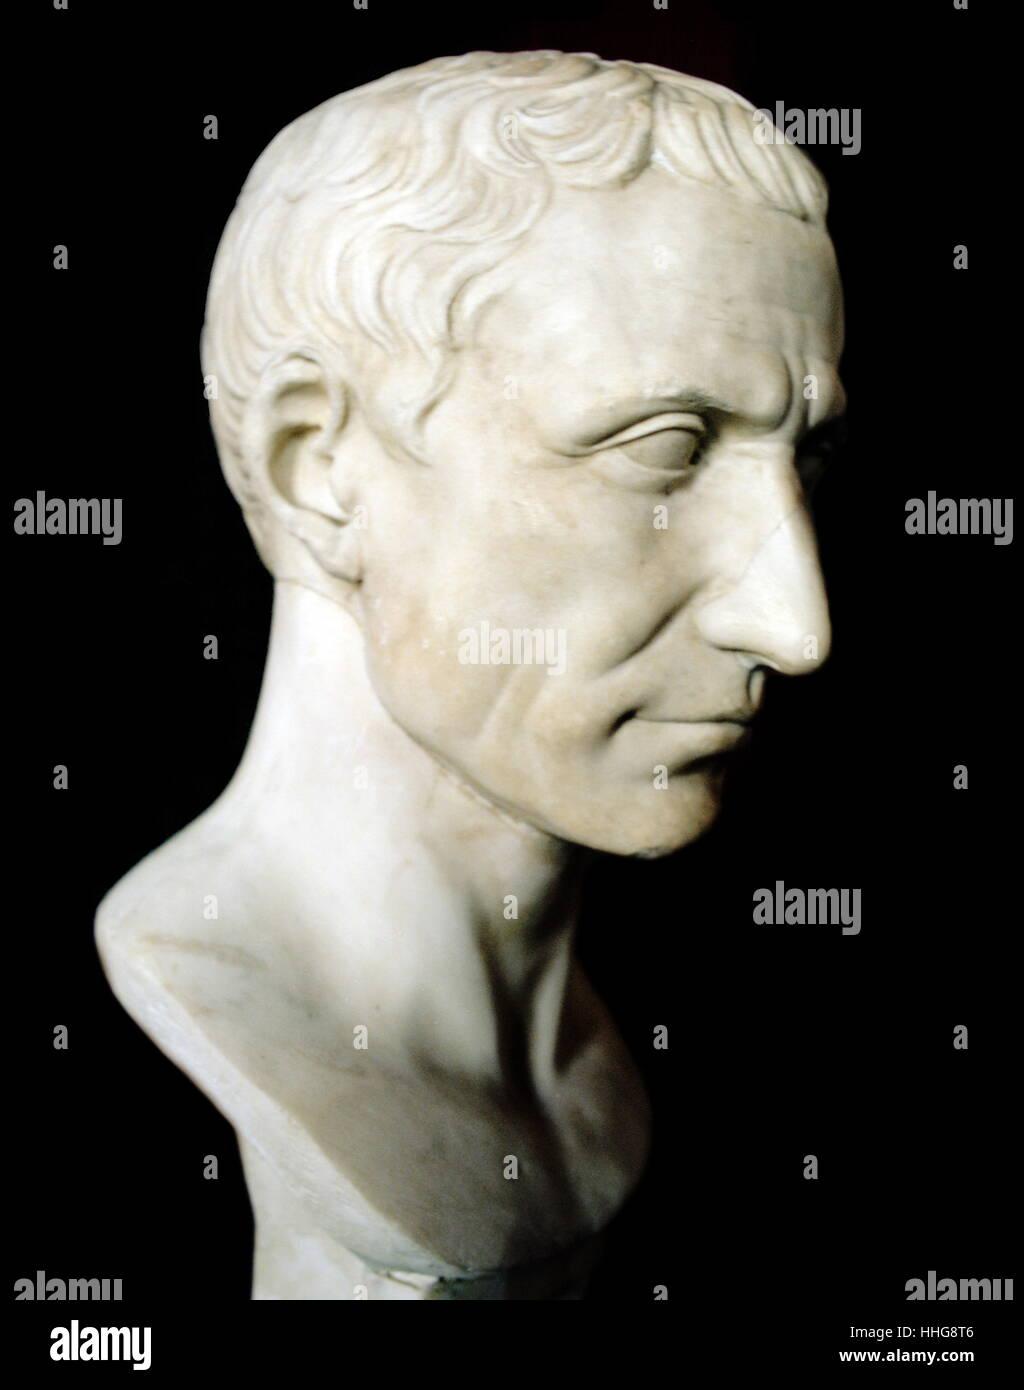 Gaius Julius Caesar (100 BC – 15 March 44 BC), known as Julius Caesar, was a Roman politician - Stock Image